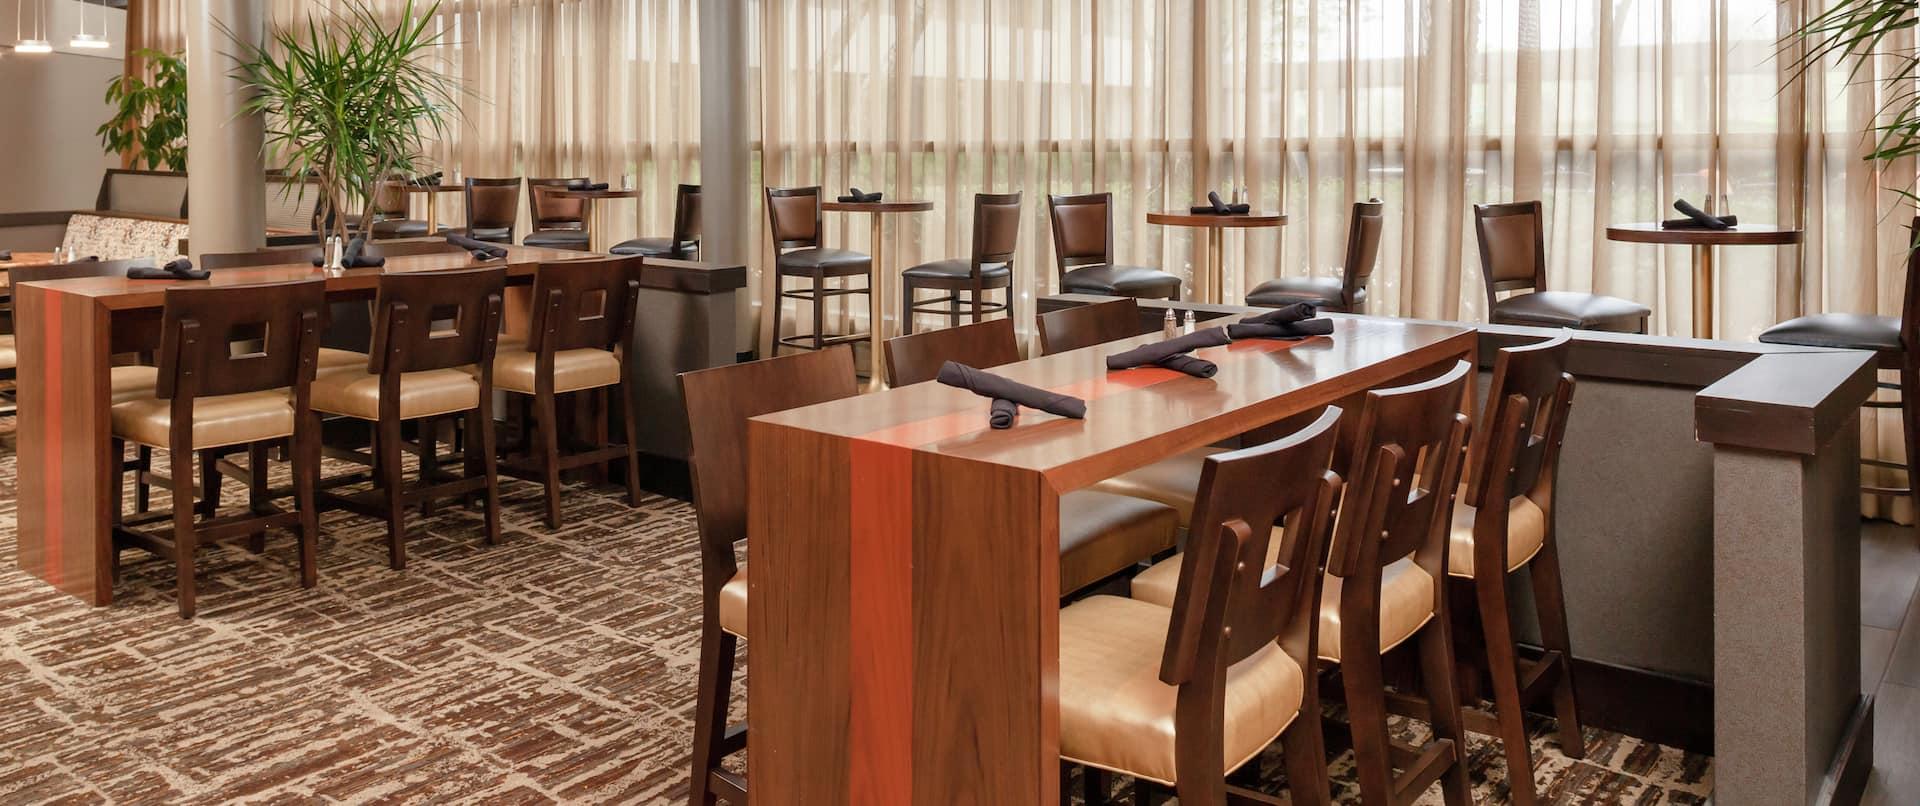 a lobby dining area